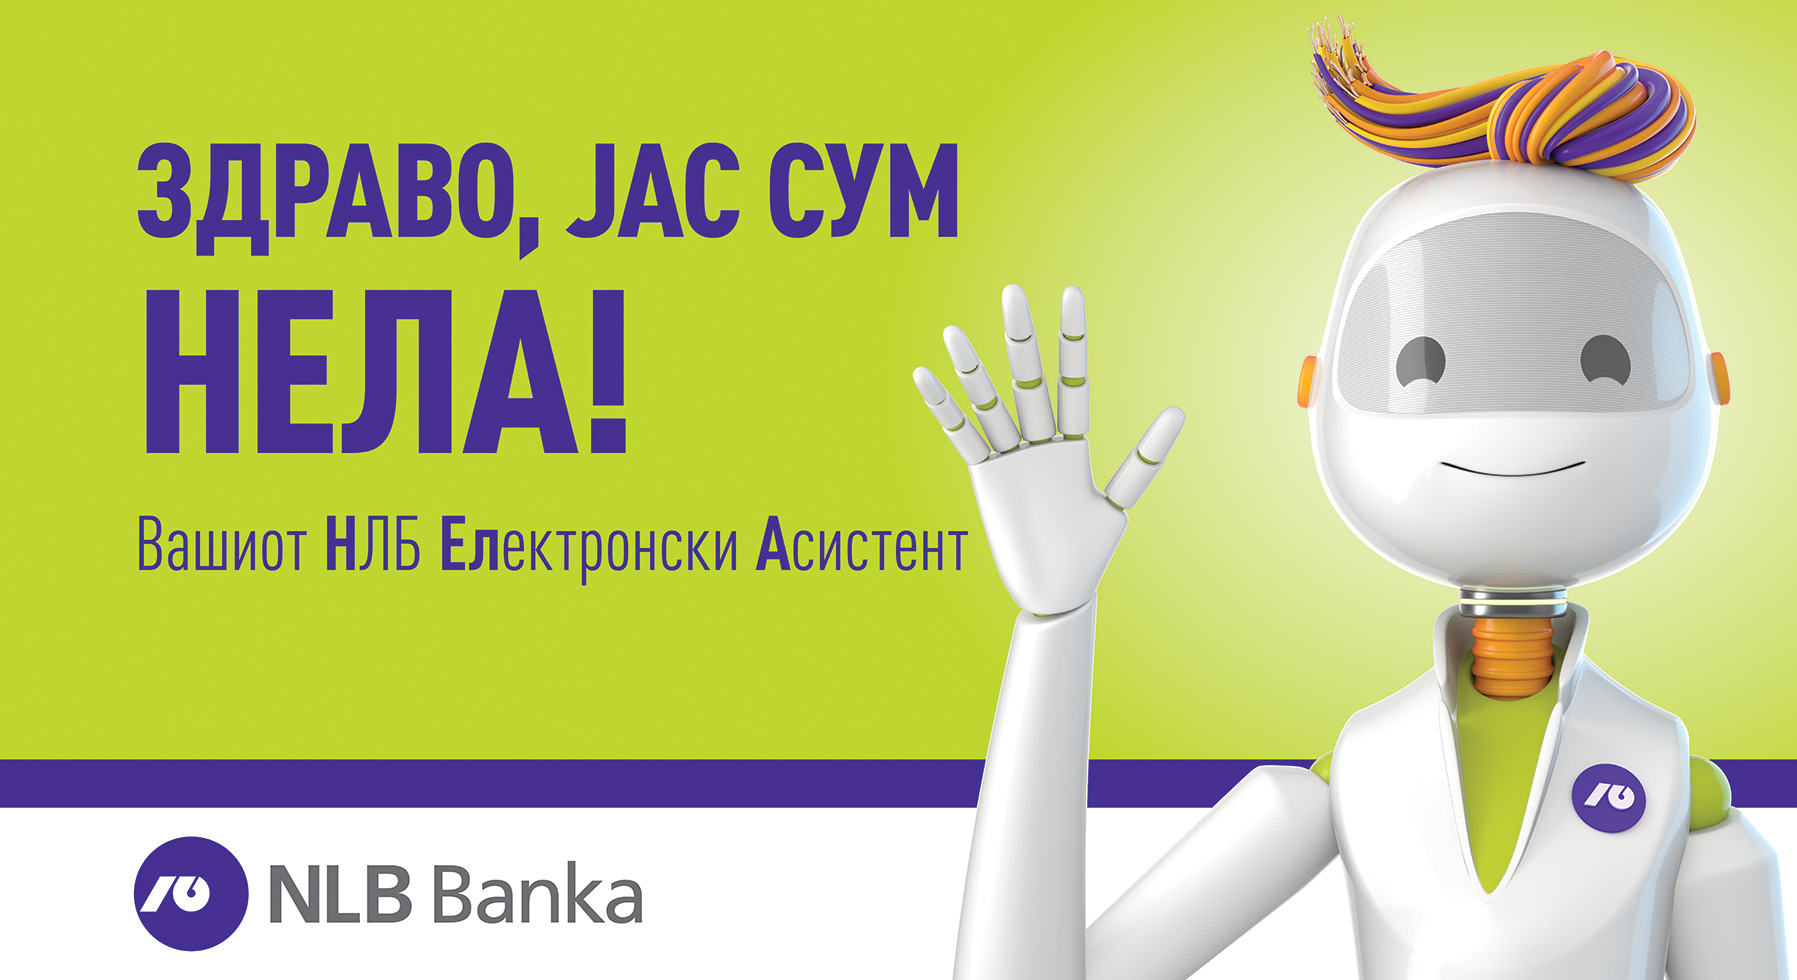 НЛБ Банка - прва банка во Македонија достапна на Вибер. Запознајте ја Нела - првиот банкарски електронски асистент